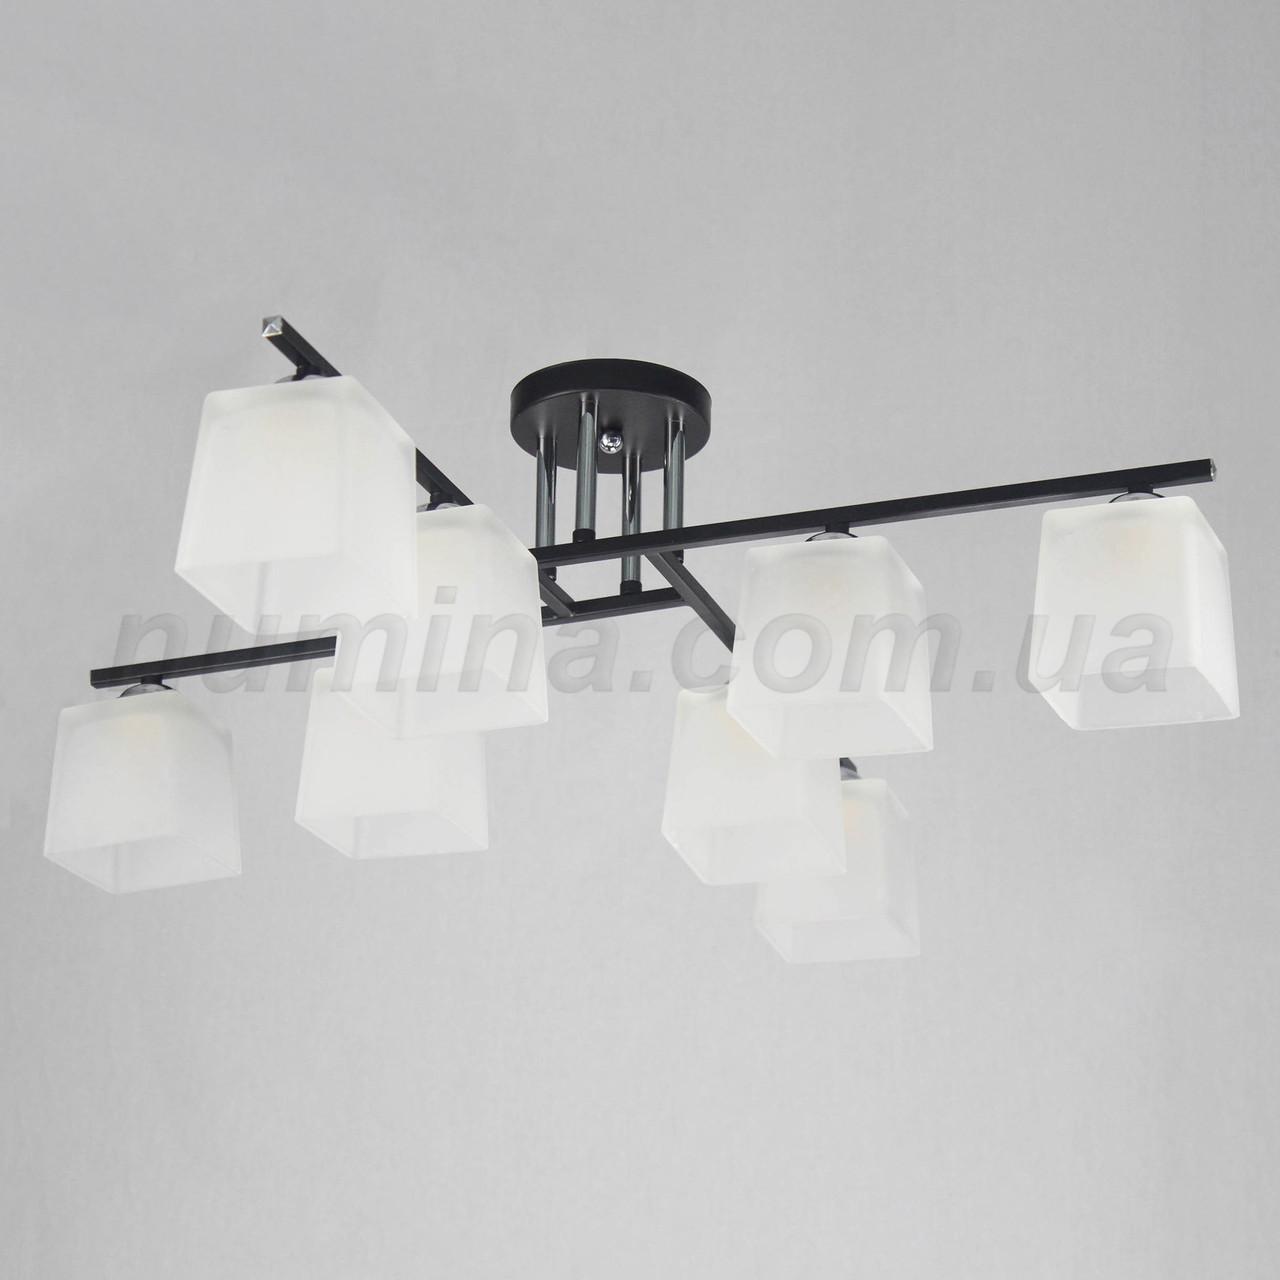 Люстра потолочная на восемь ламп 29-E512/8 CR+BK+WT